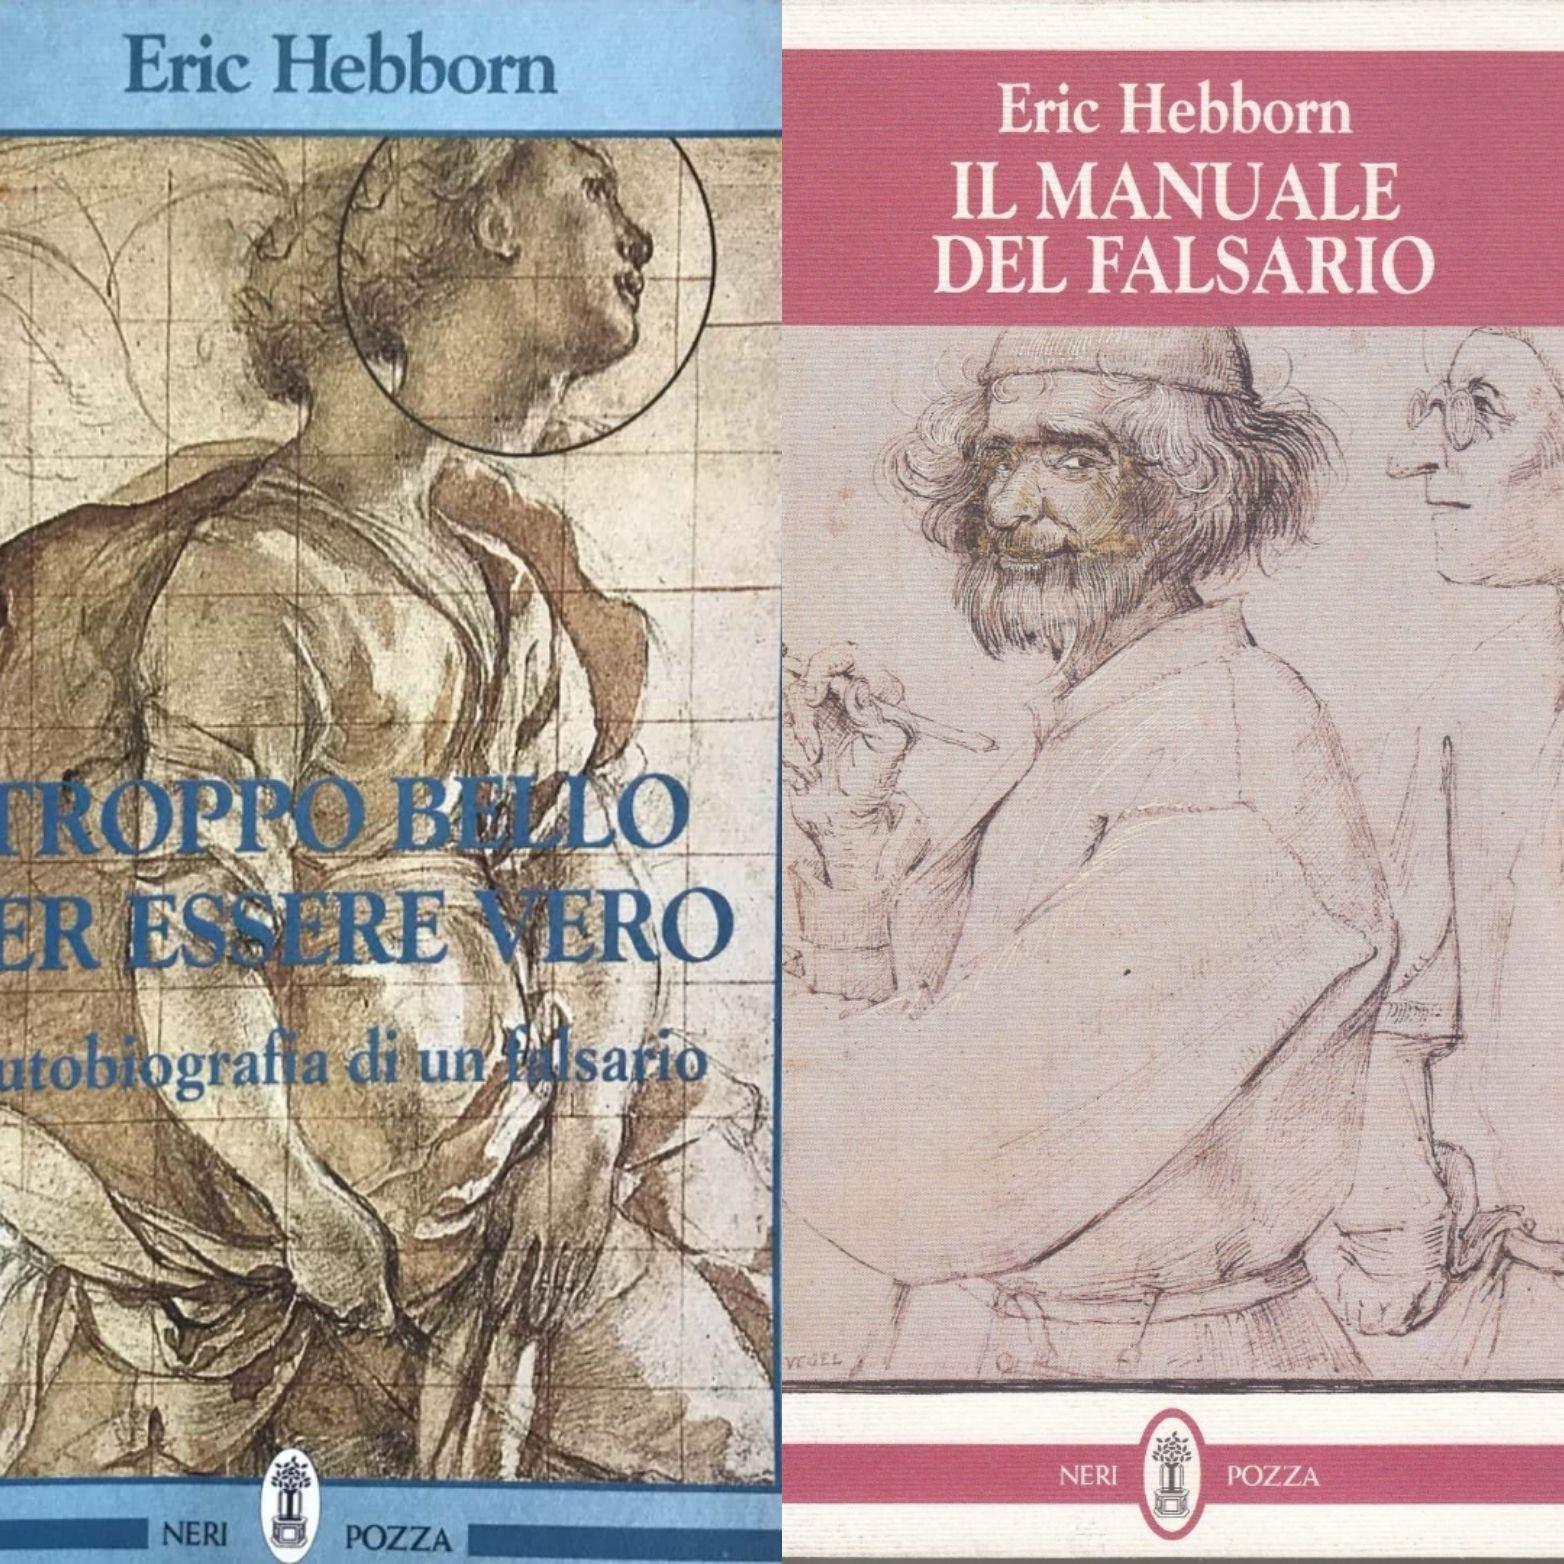 Una leggenda per i comprovenditori: Eric Hebborn e i suoi due manuali